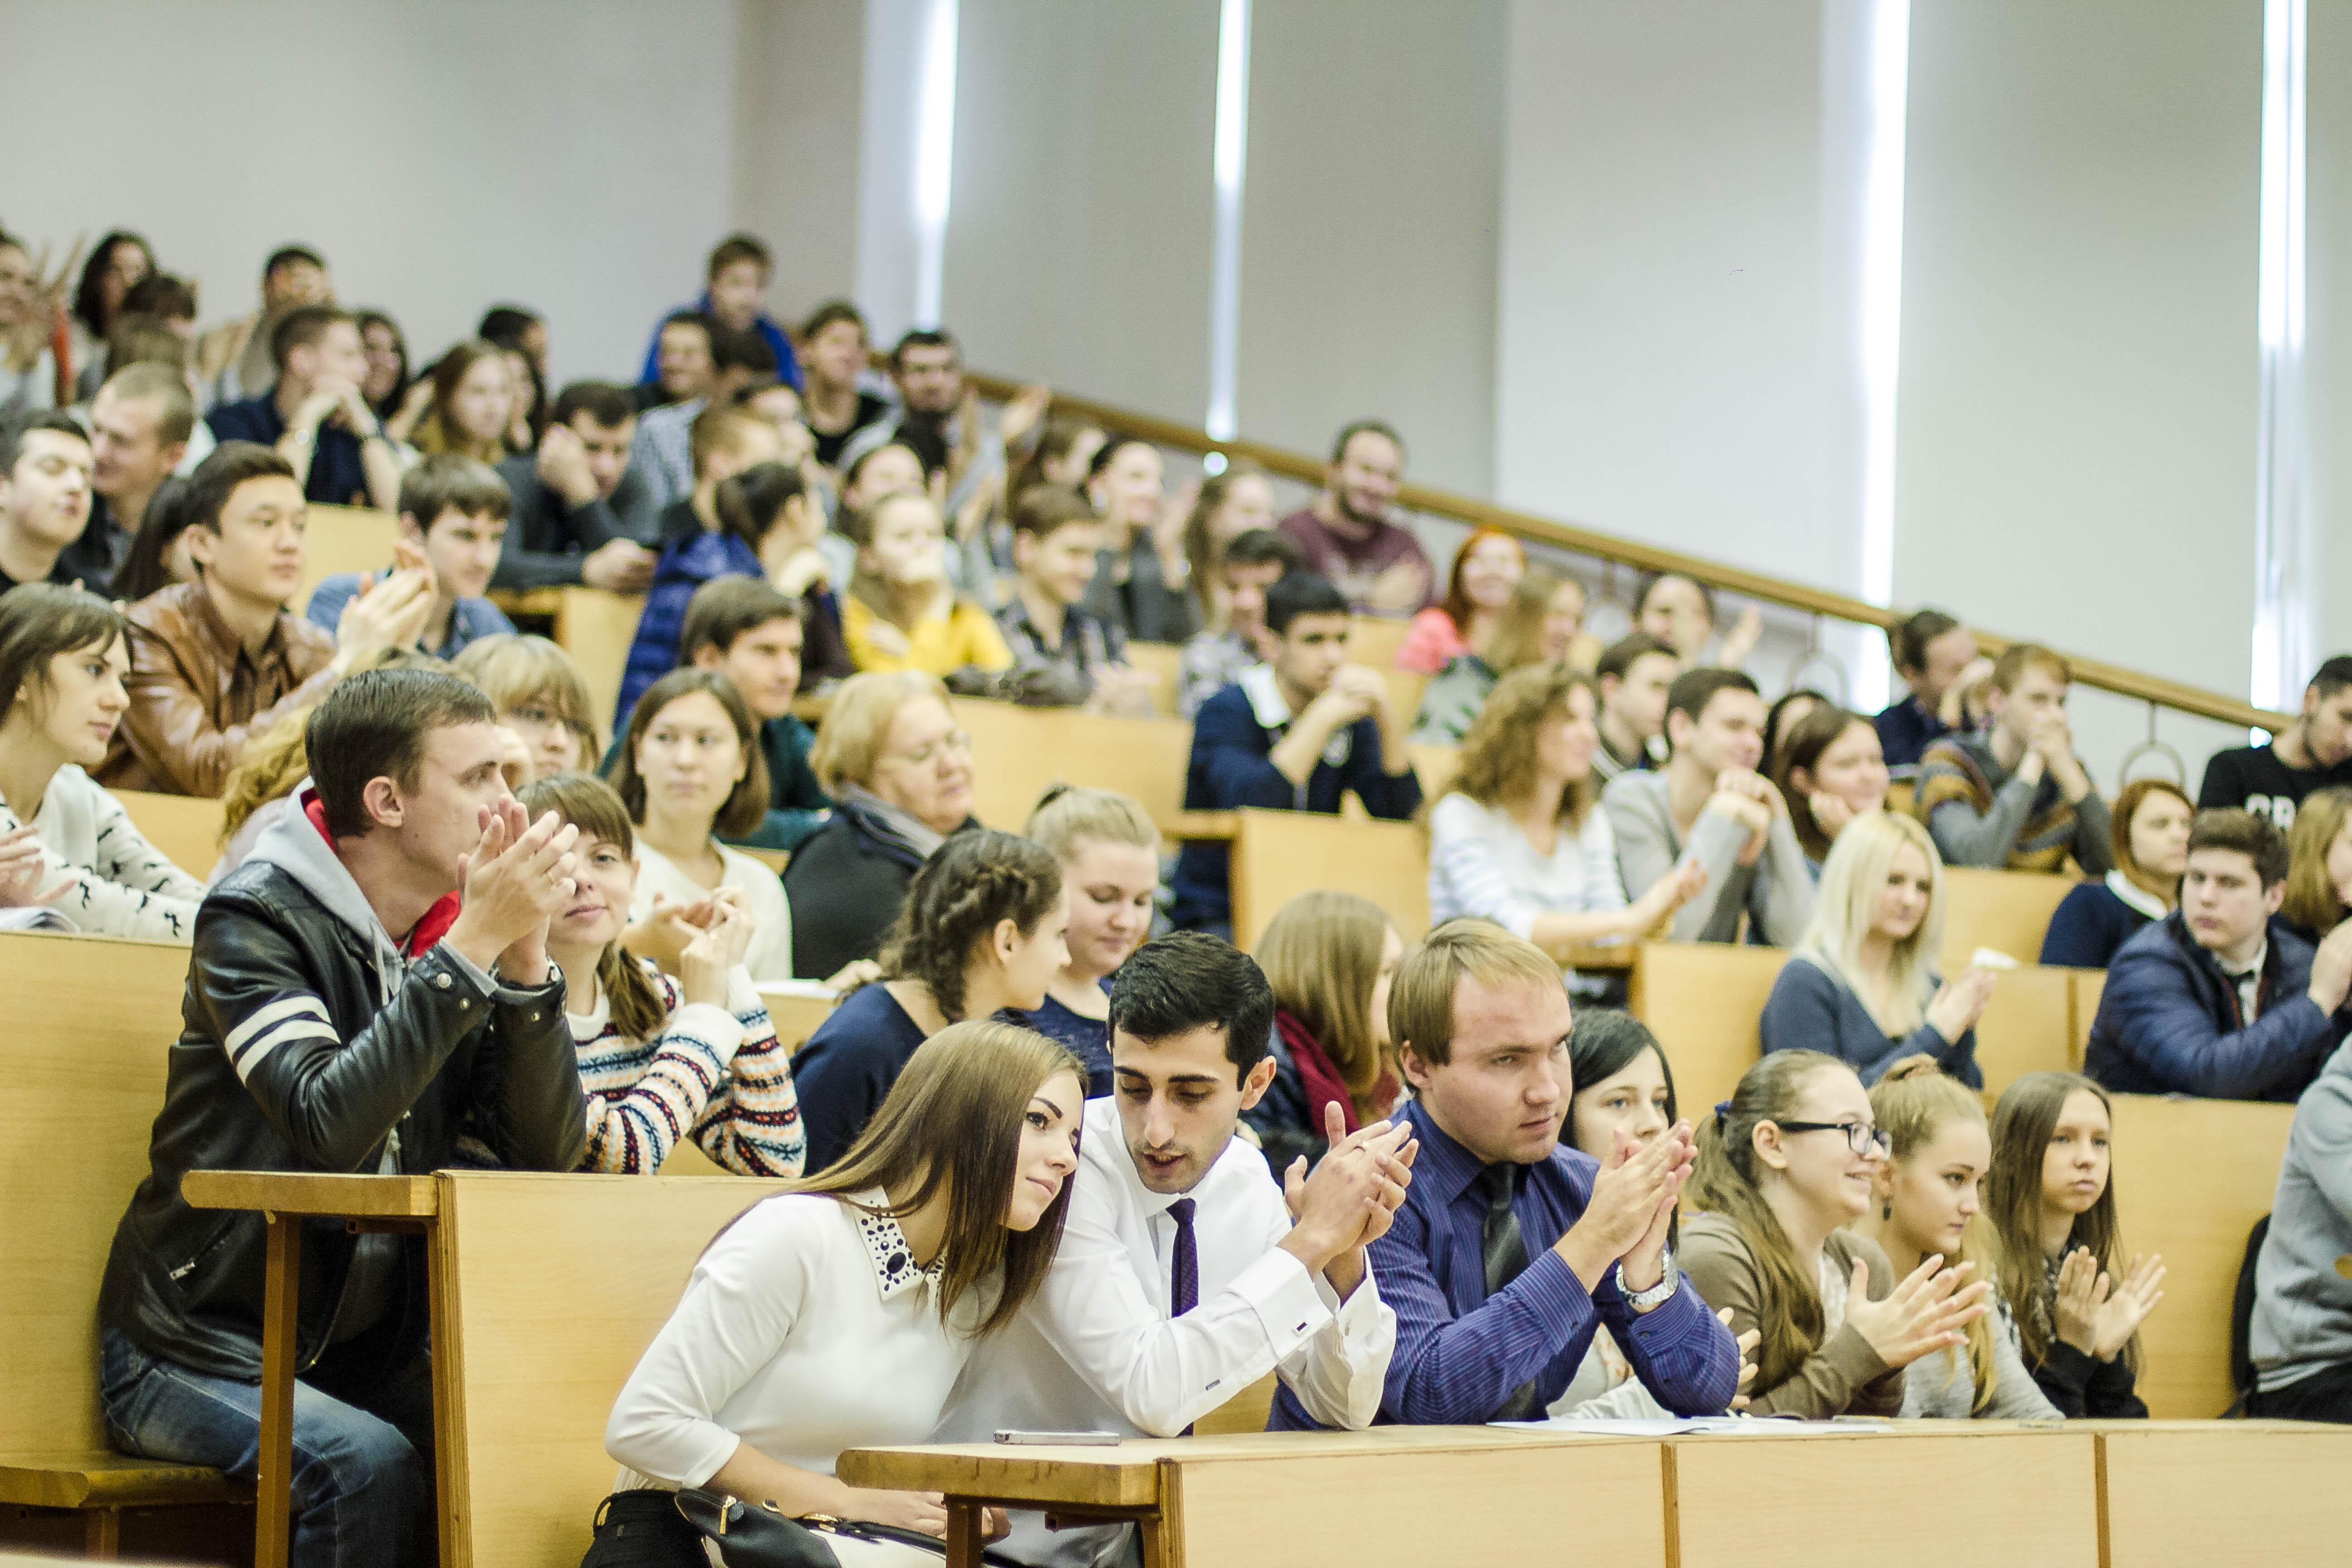 Бесплатное высшее образование предложили ввести в приграничных регионах